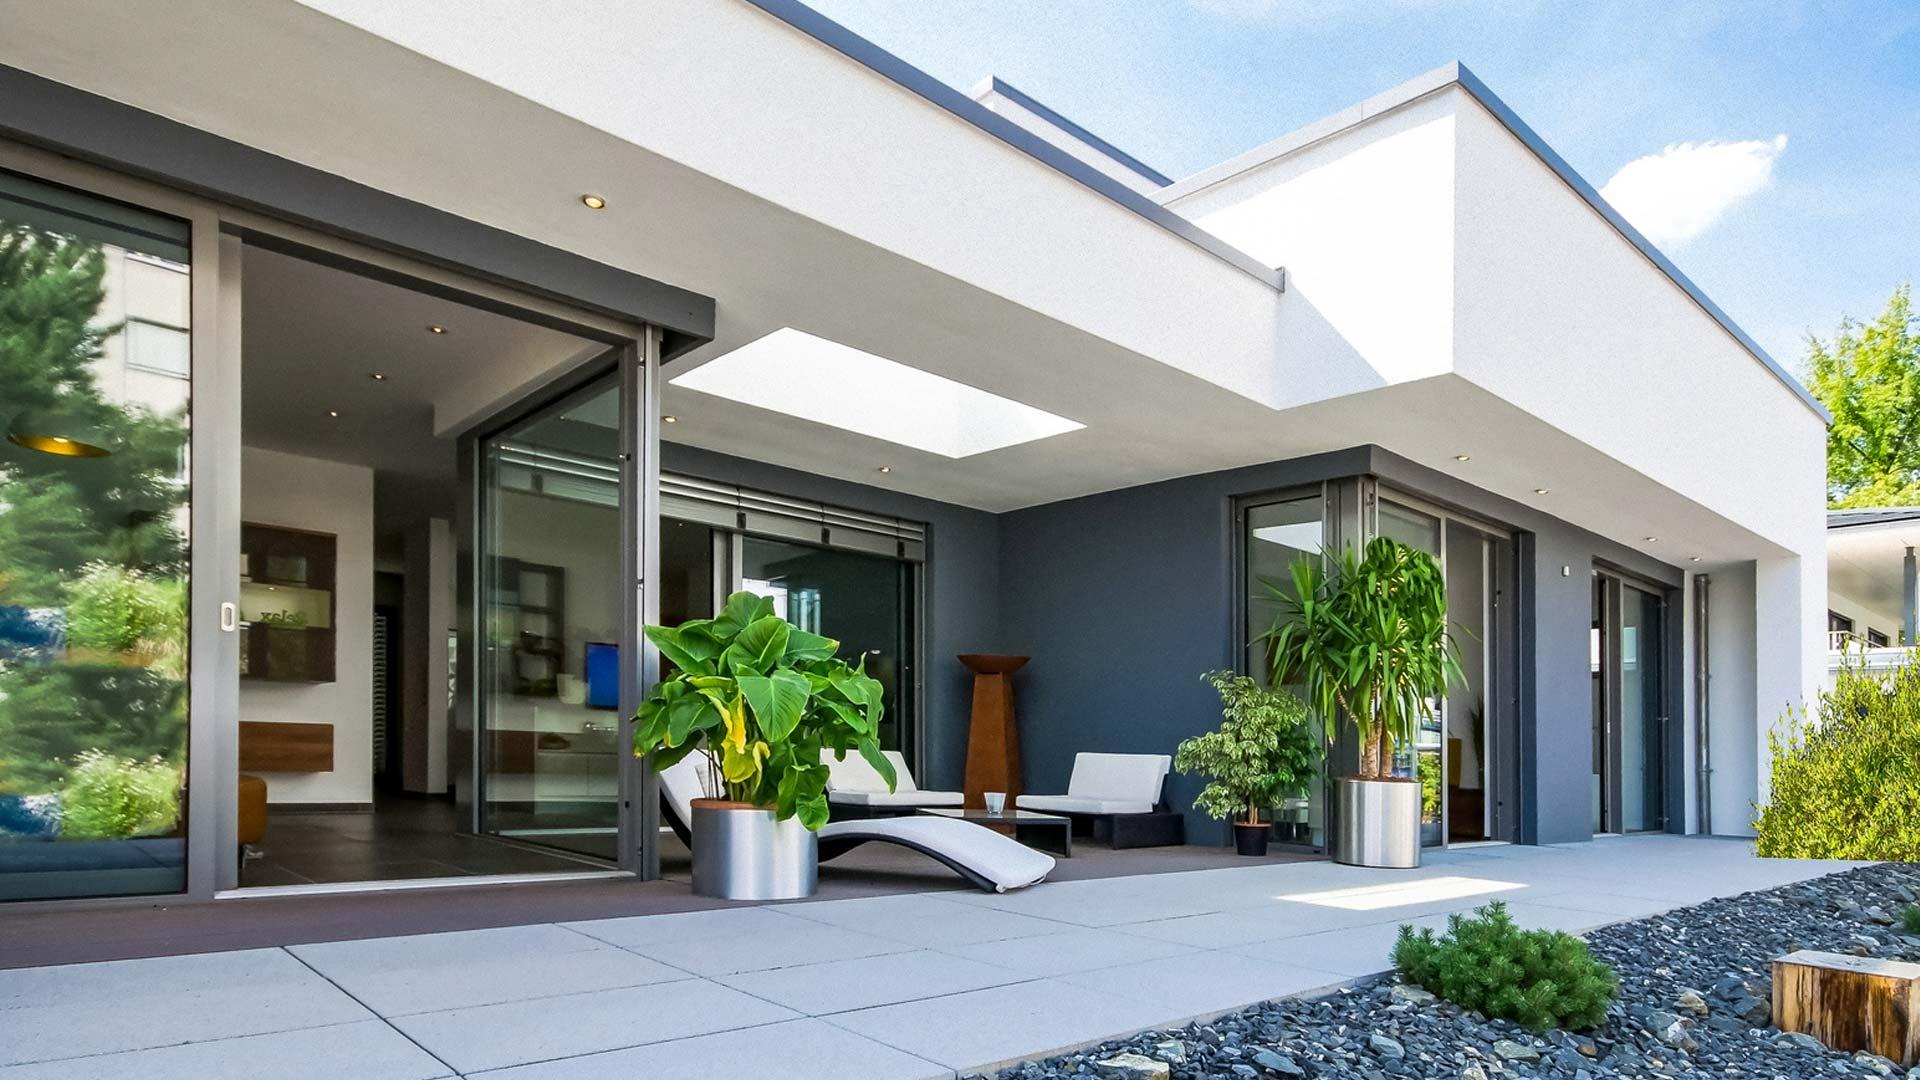 Terrassenwohnung kaufen: Quadratmeterpreis, Vor- & Nachteile, Kosten, Lage